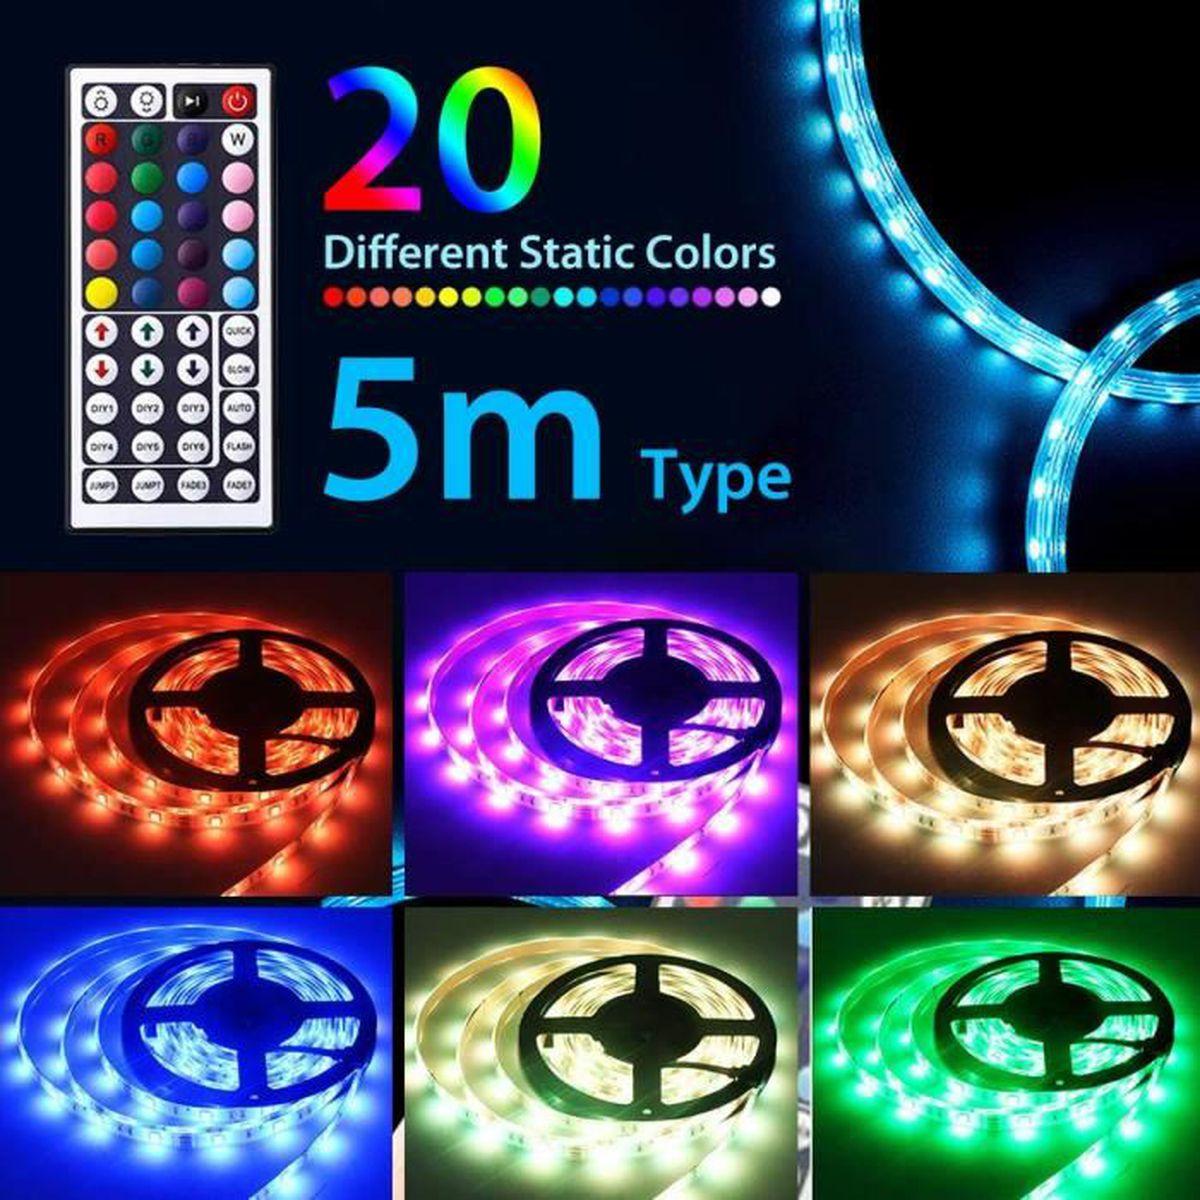 BANDE - RUBAN LED Kit de 5M Ruban LED RGB, Bande LED 12V 300LED Lumi